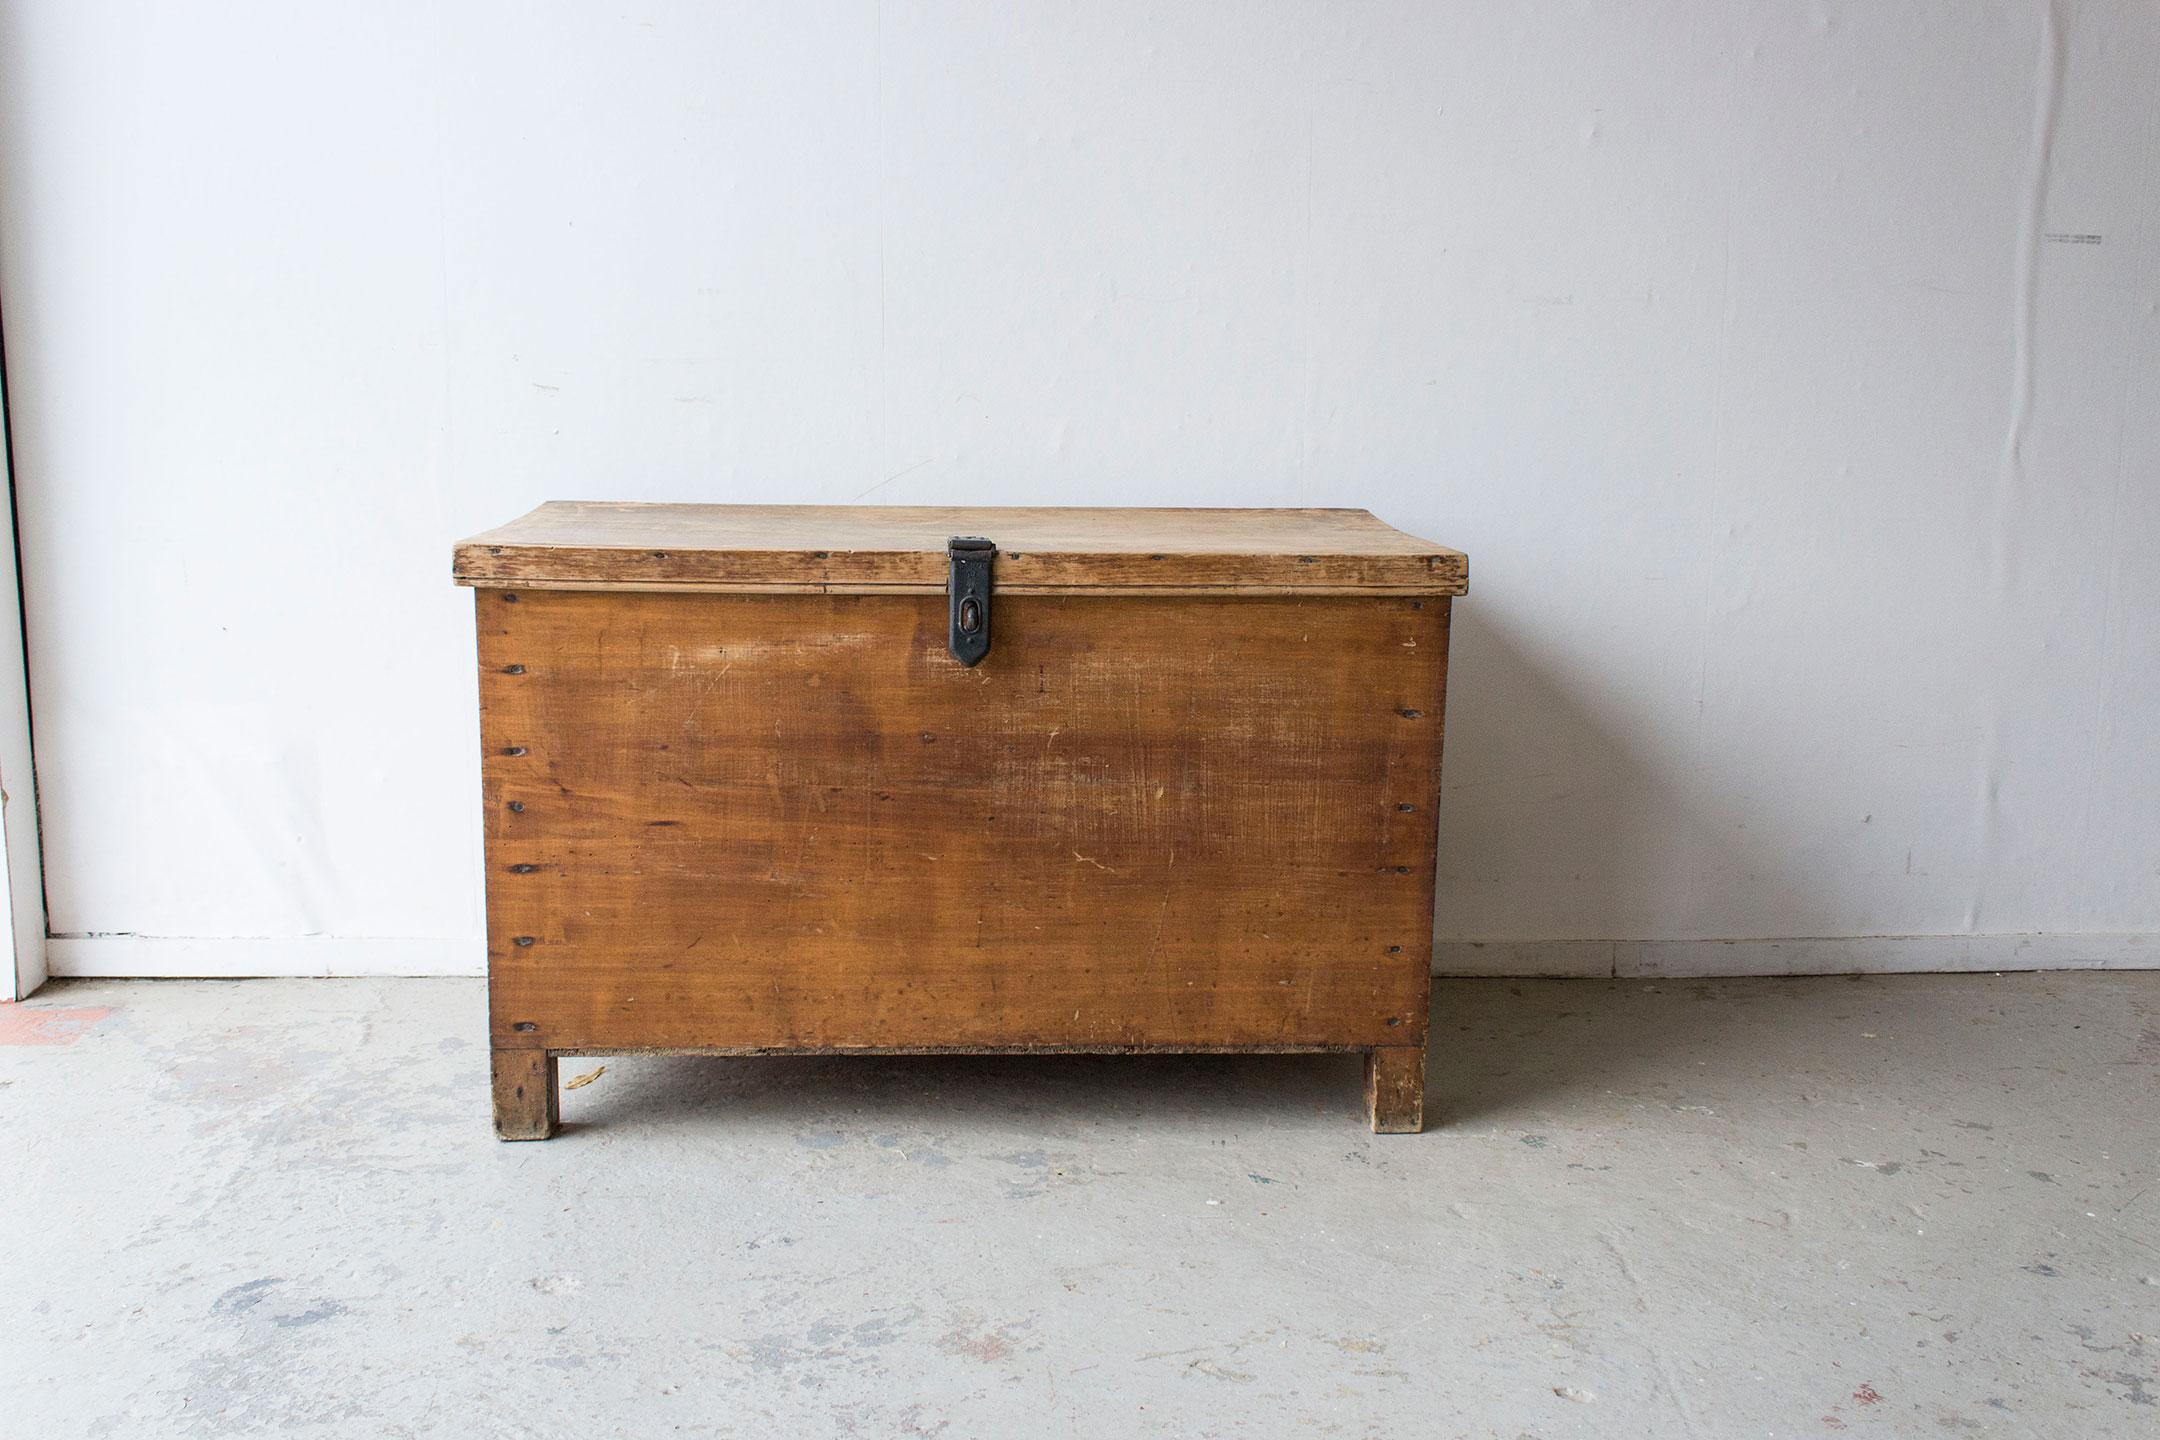 5043---grote-oude-houten-kist---Firma-zoethout.jpg